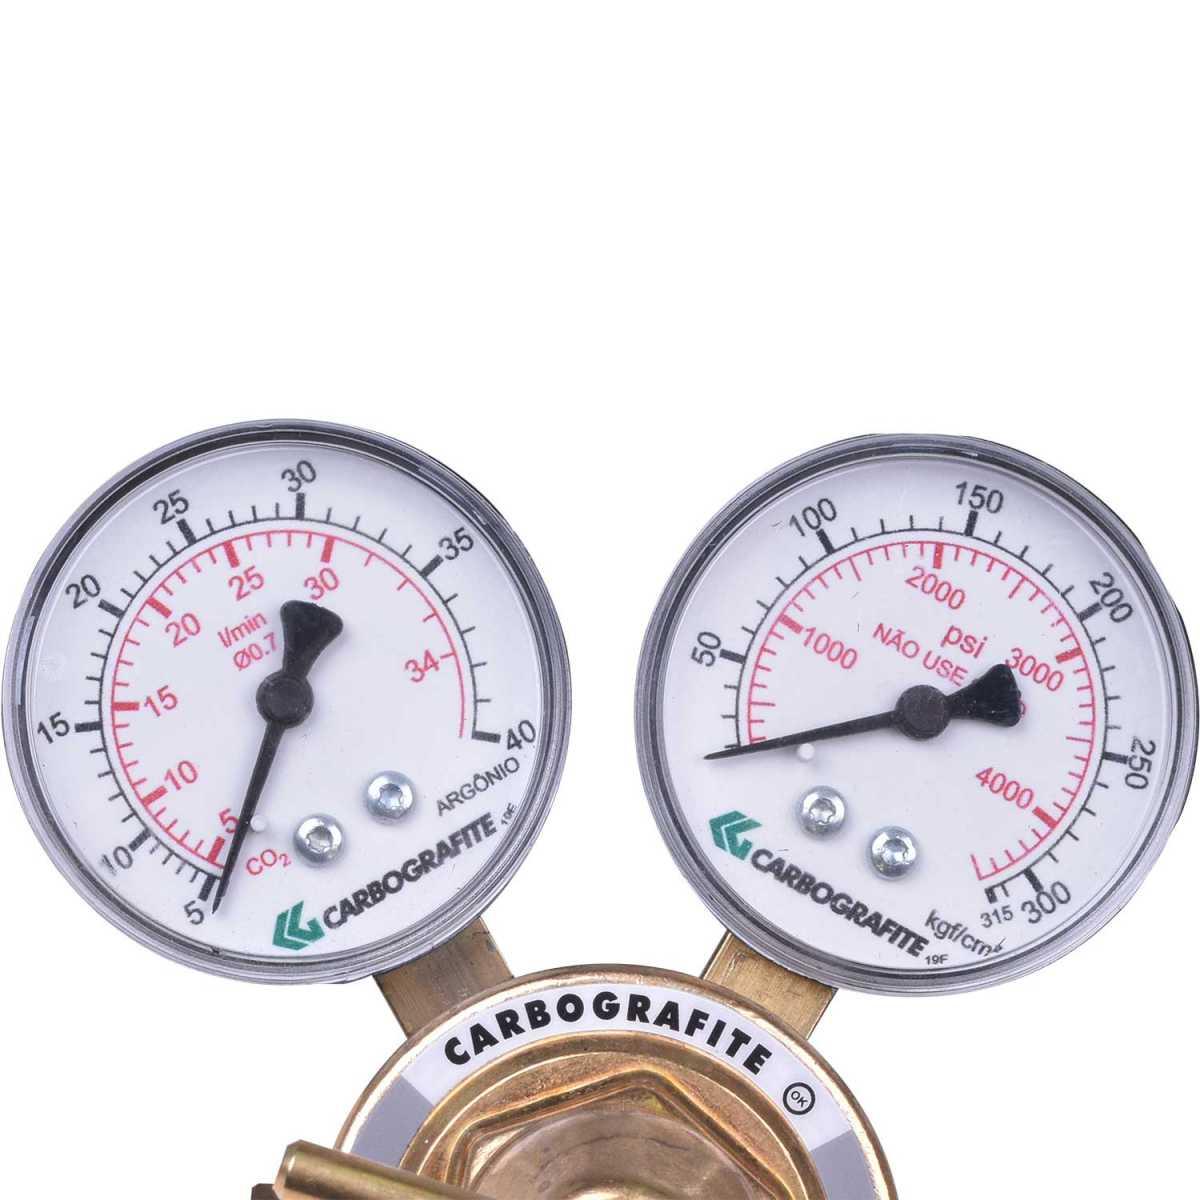 Regulador de Pressão Co2 Serie 700 Carbografite